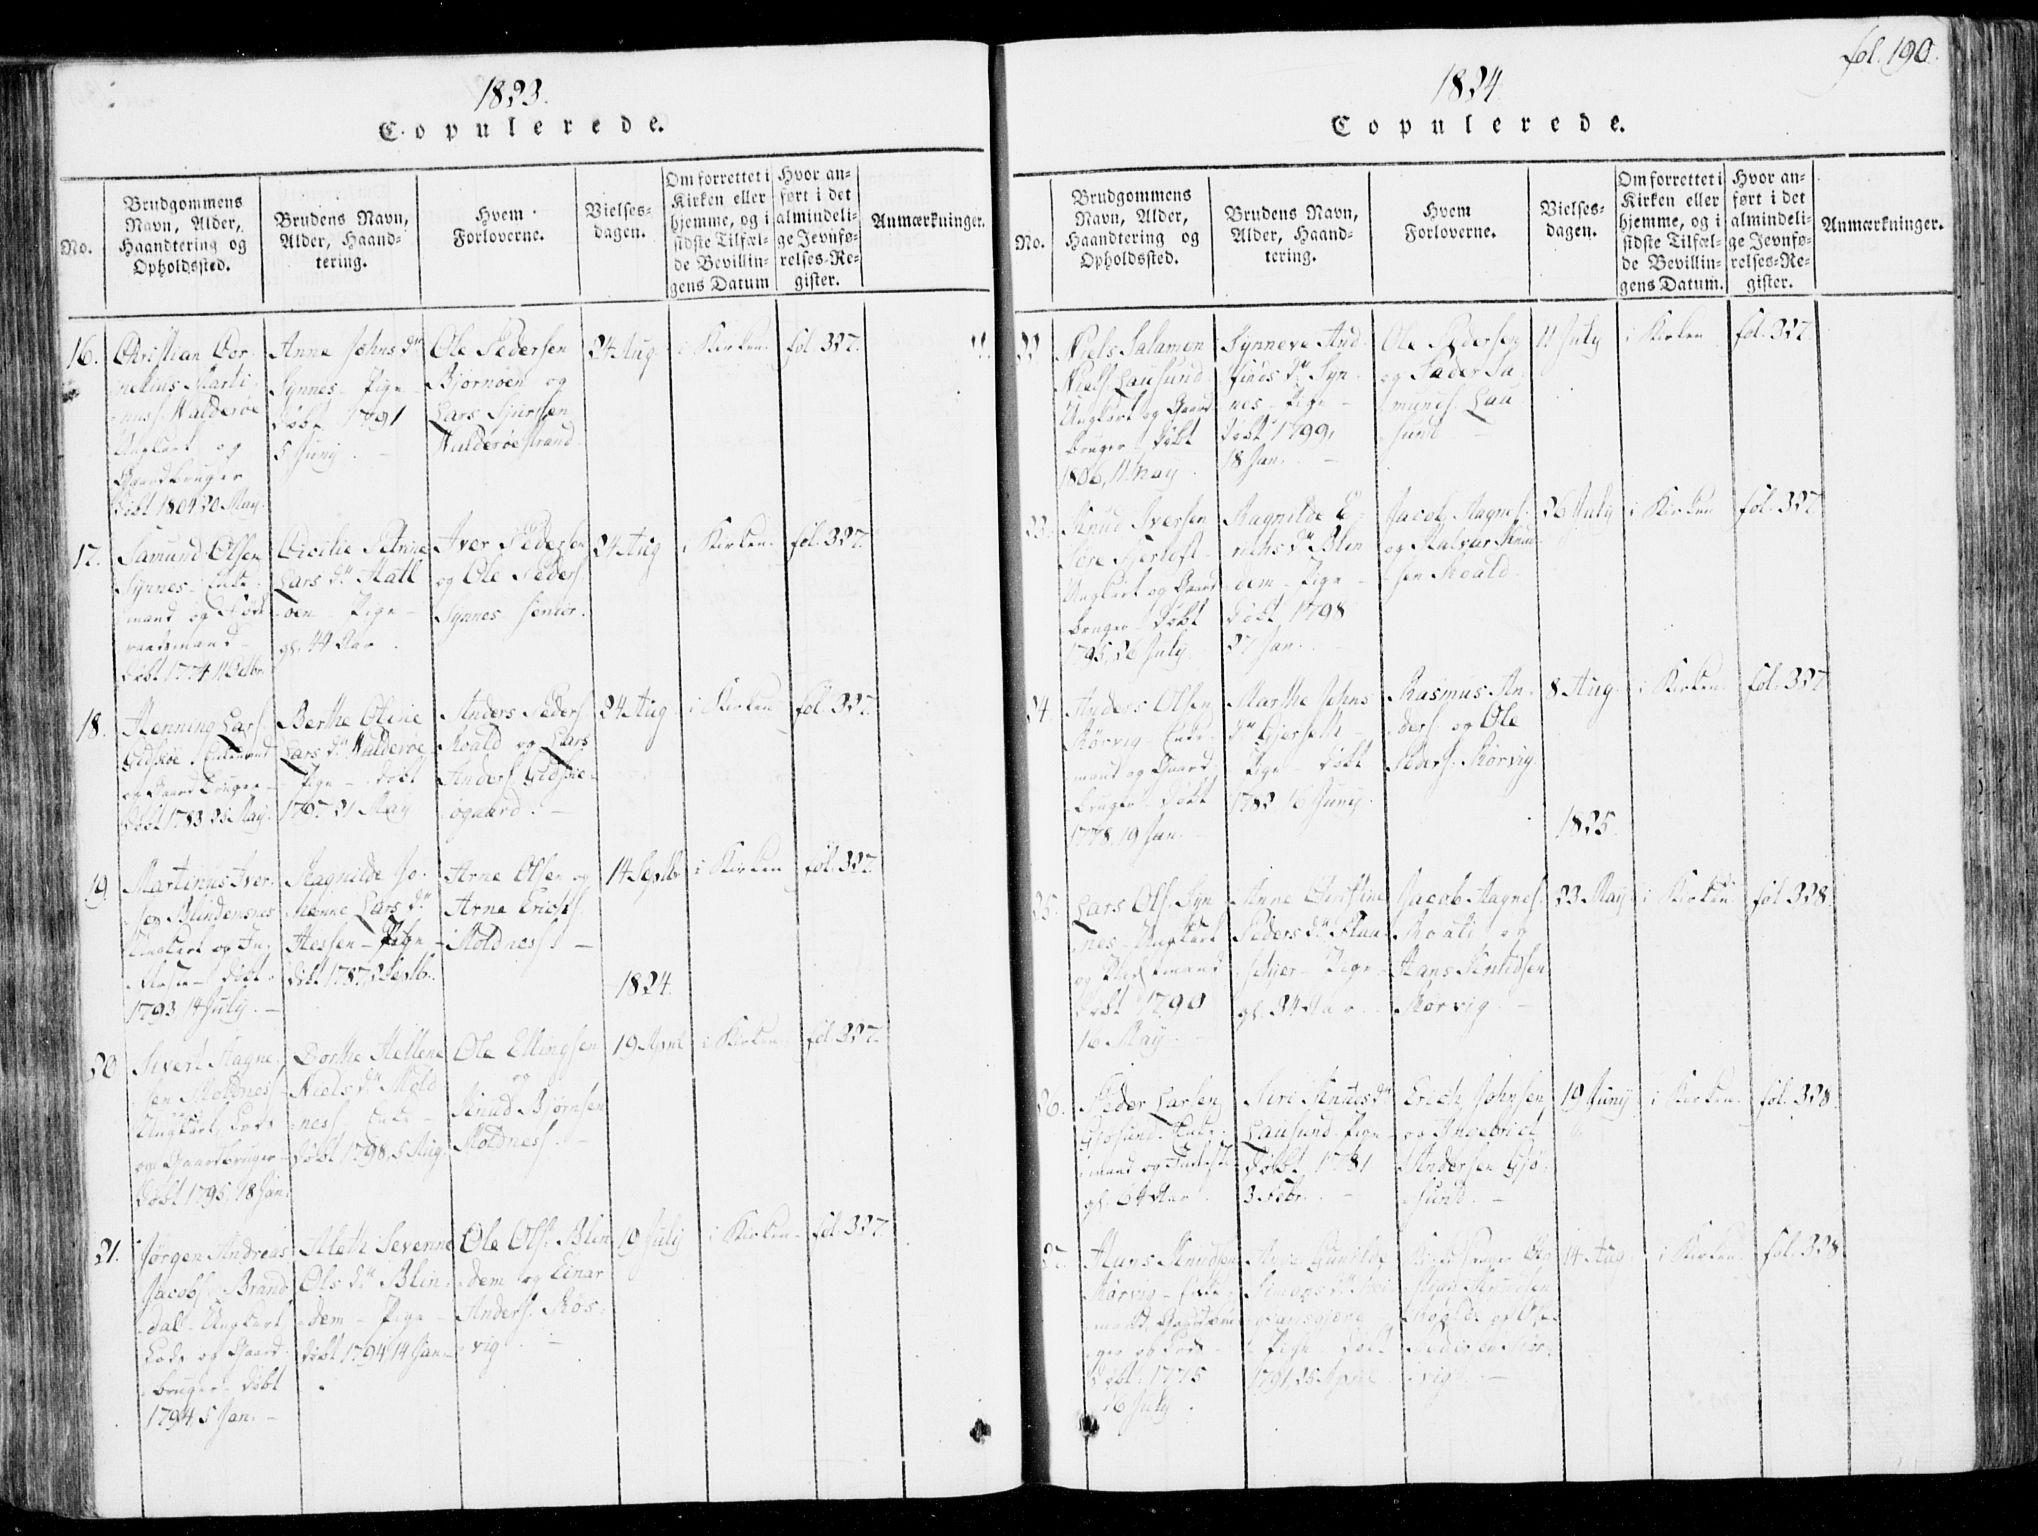 SAT, Ministerialprotokoller, klokkerbøker og fødselsregistre - Møre og Romsdal, 537/L0517: Ministerialbok nr. 537A01, 1818-1862, s. 190